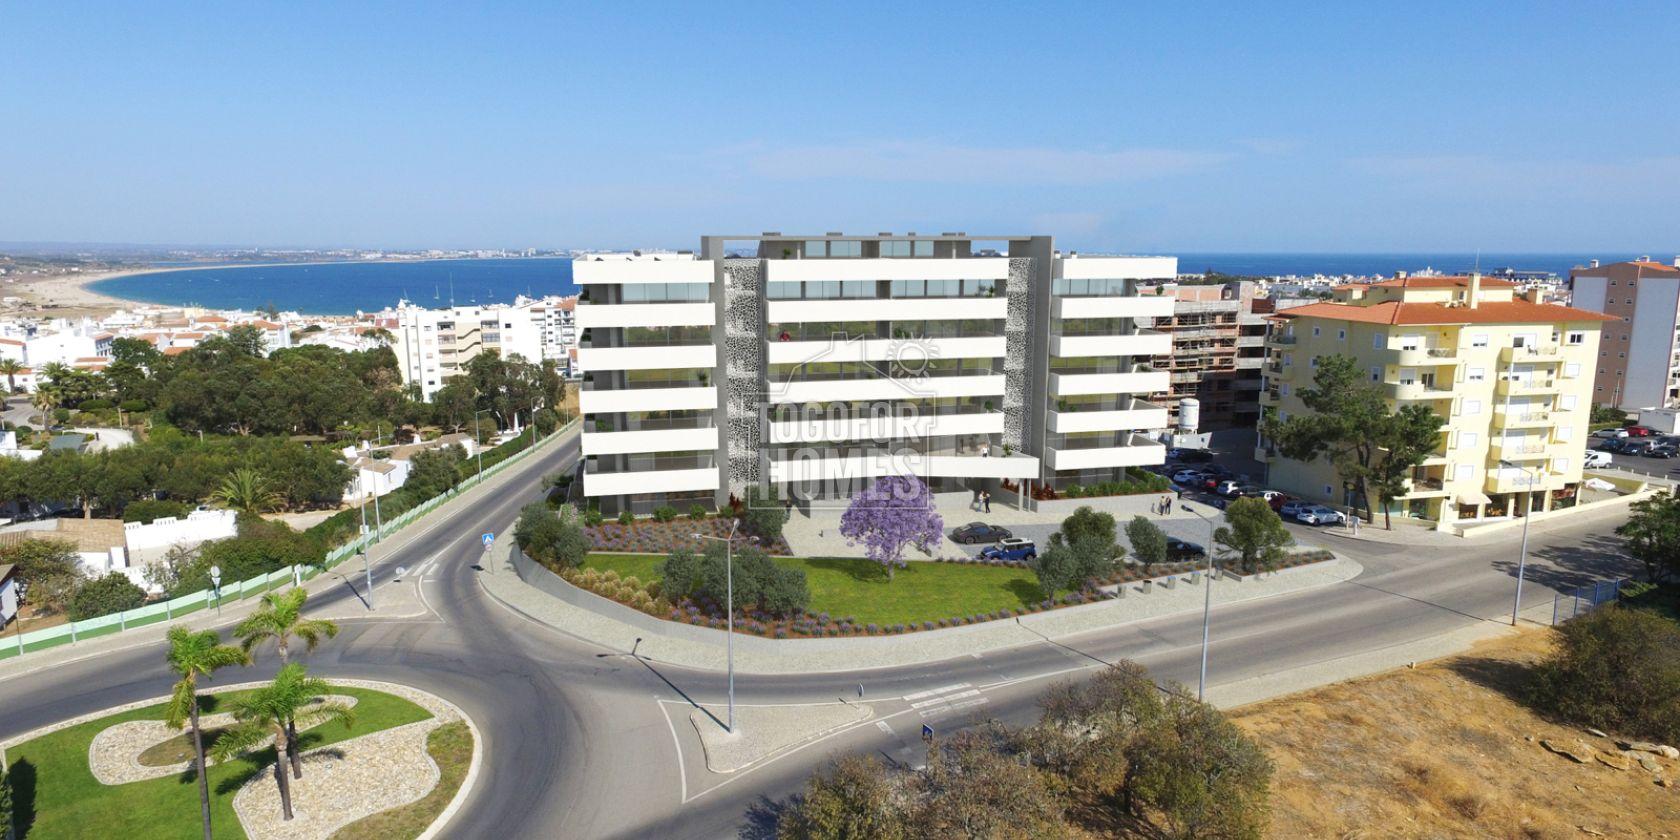 LG1199 - Appartements hors plan de 2 chambres avec piscine commune et vue sur la mer, Lagos